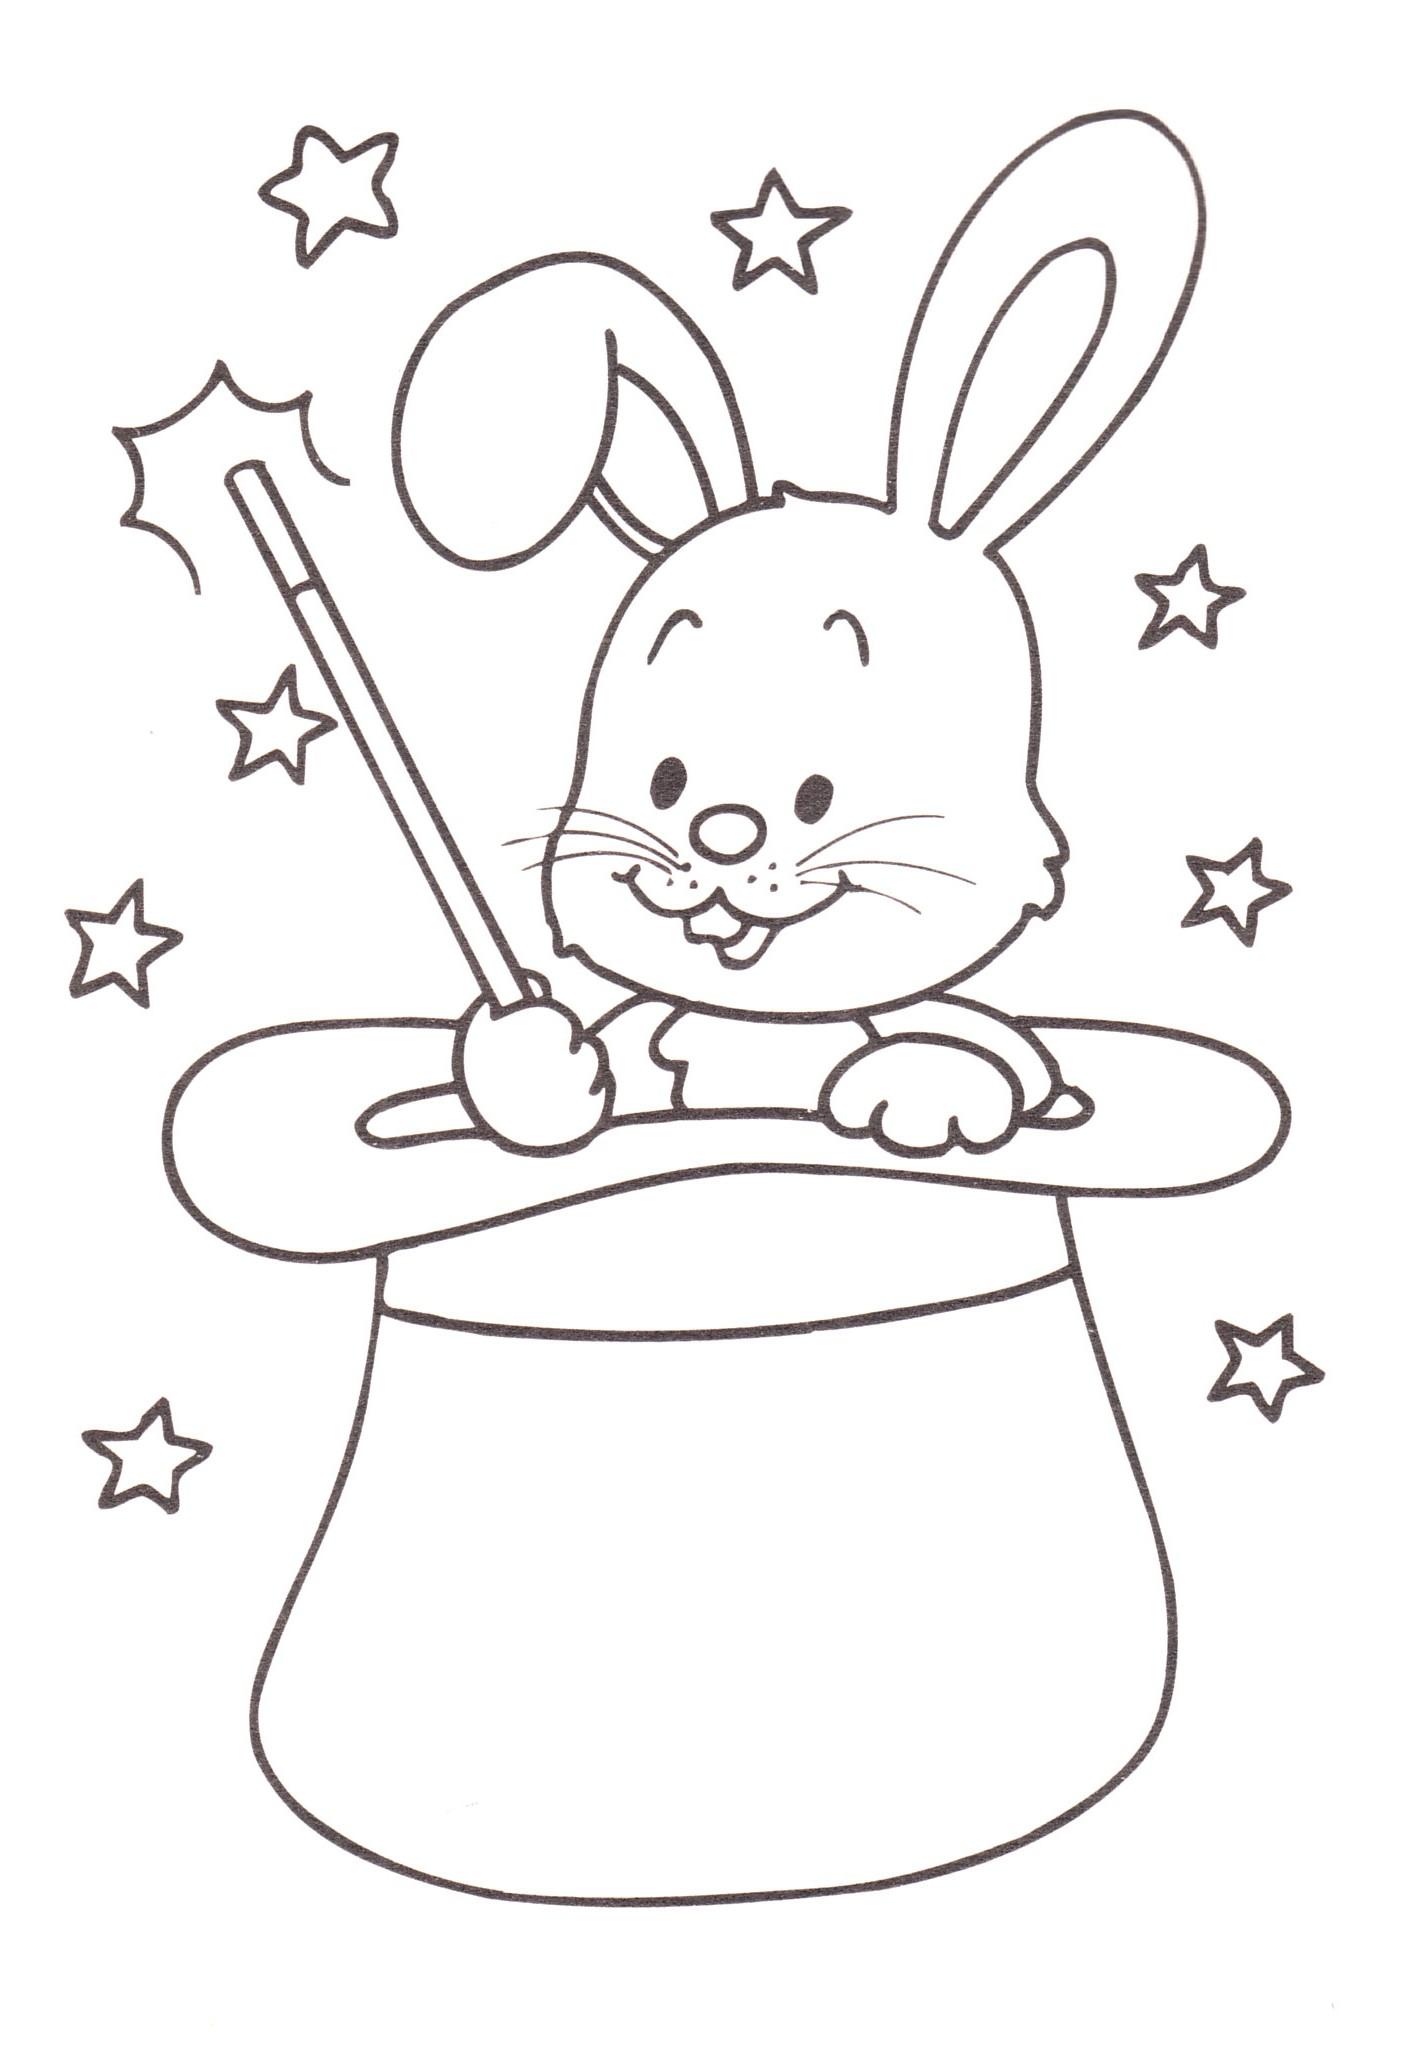 Disegni stampare colorare bambini coniglio cilindro for Disegno coniglio per bambini